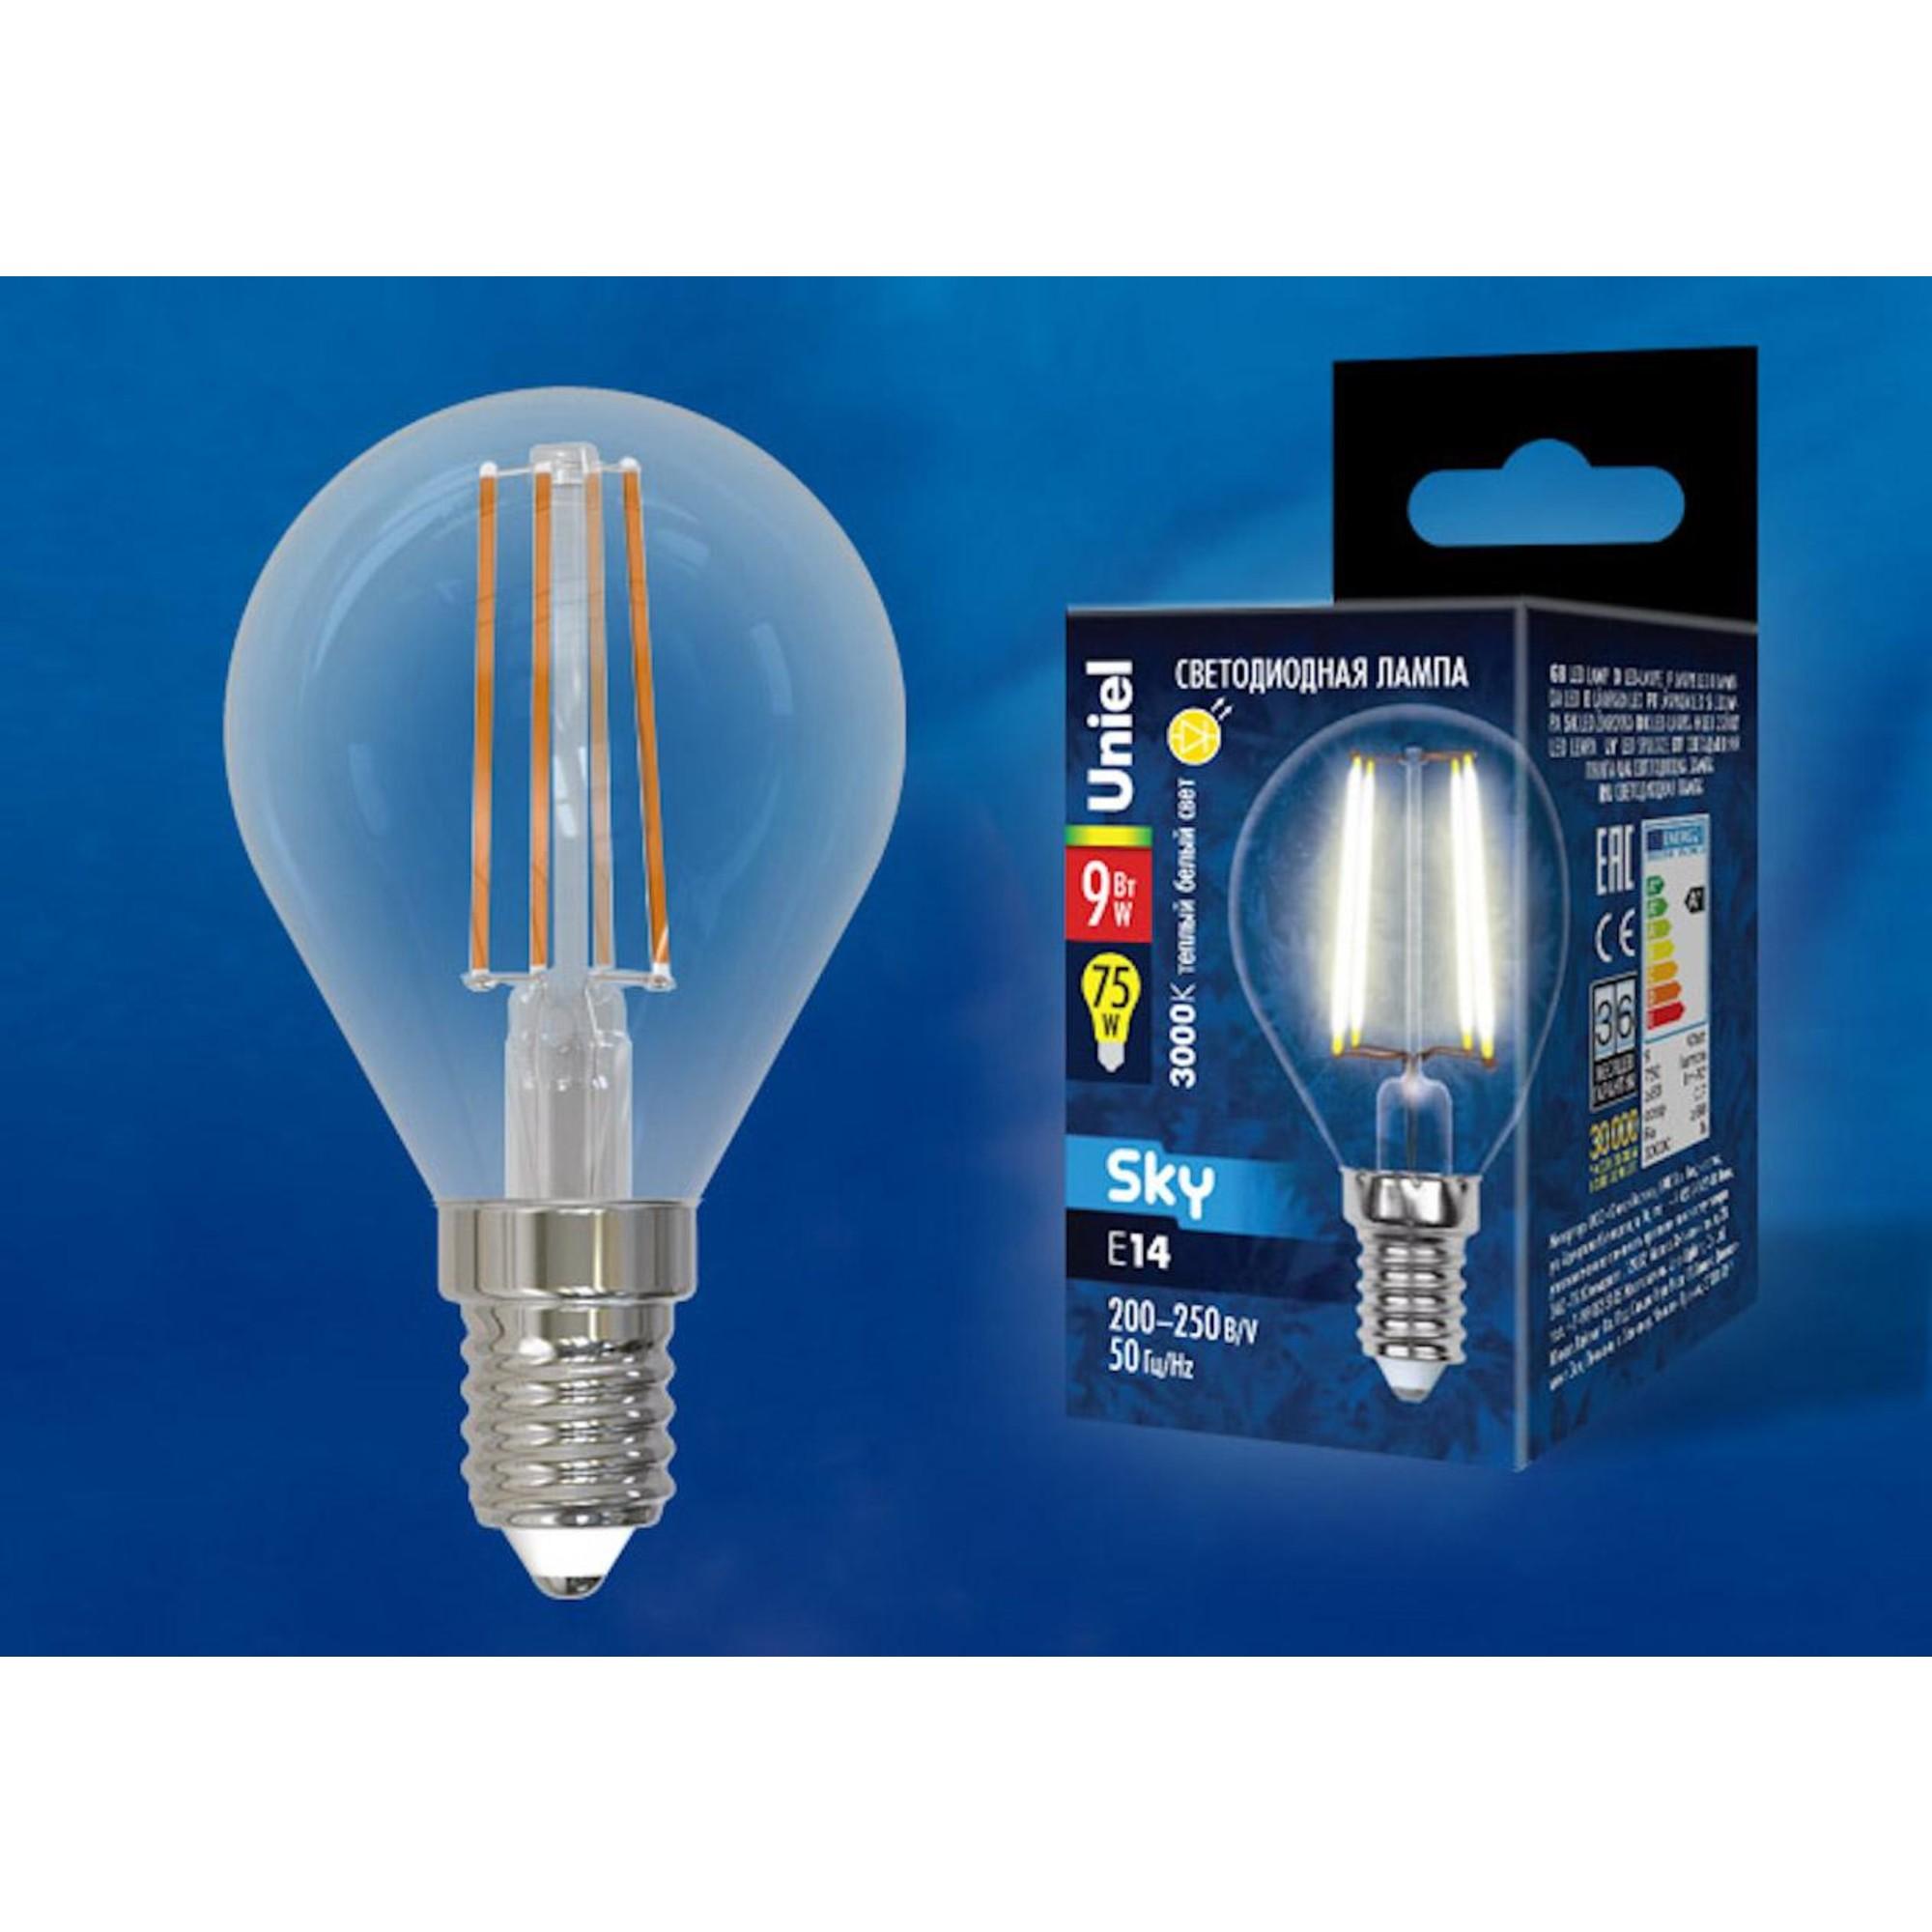 Светодиодная лампочка Uniel UL-00005172 E14 750 Лм 9 Вт